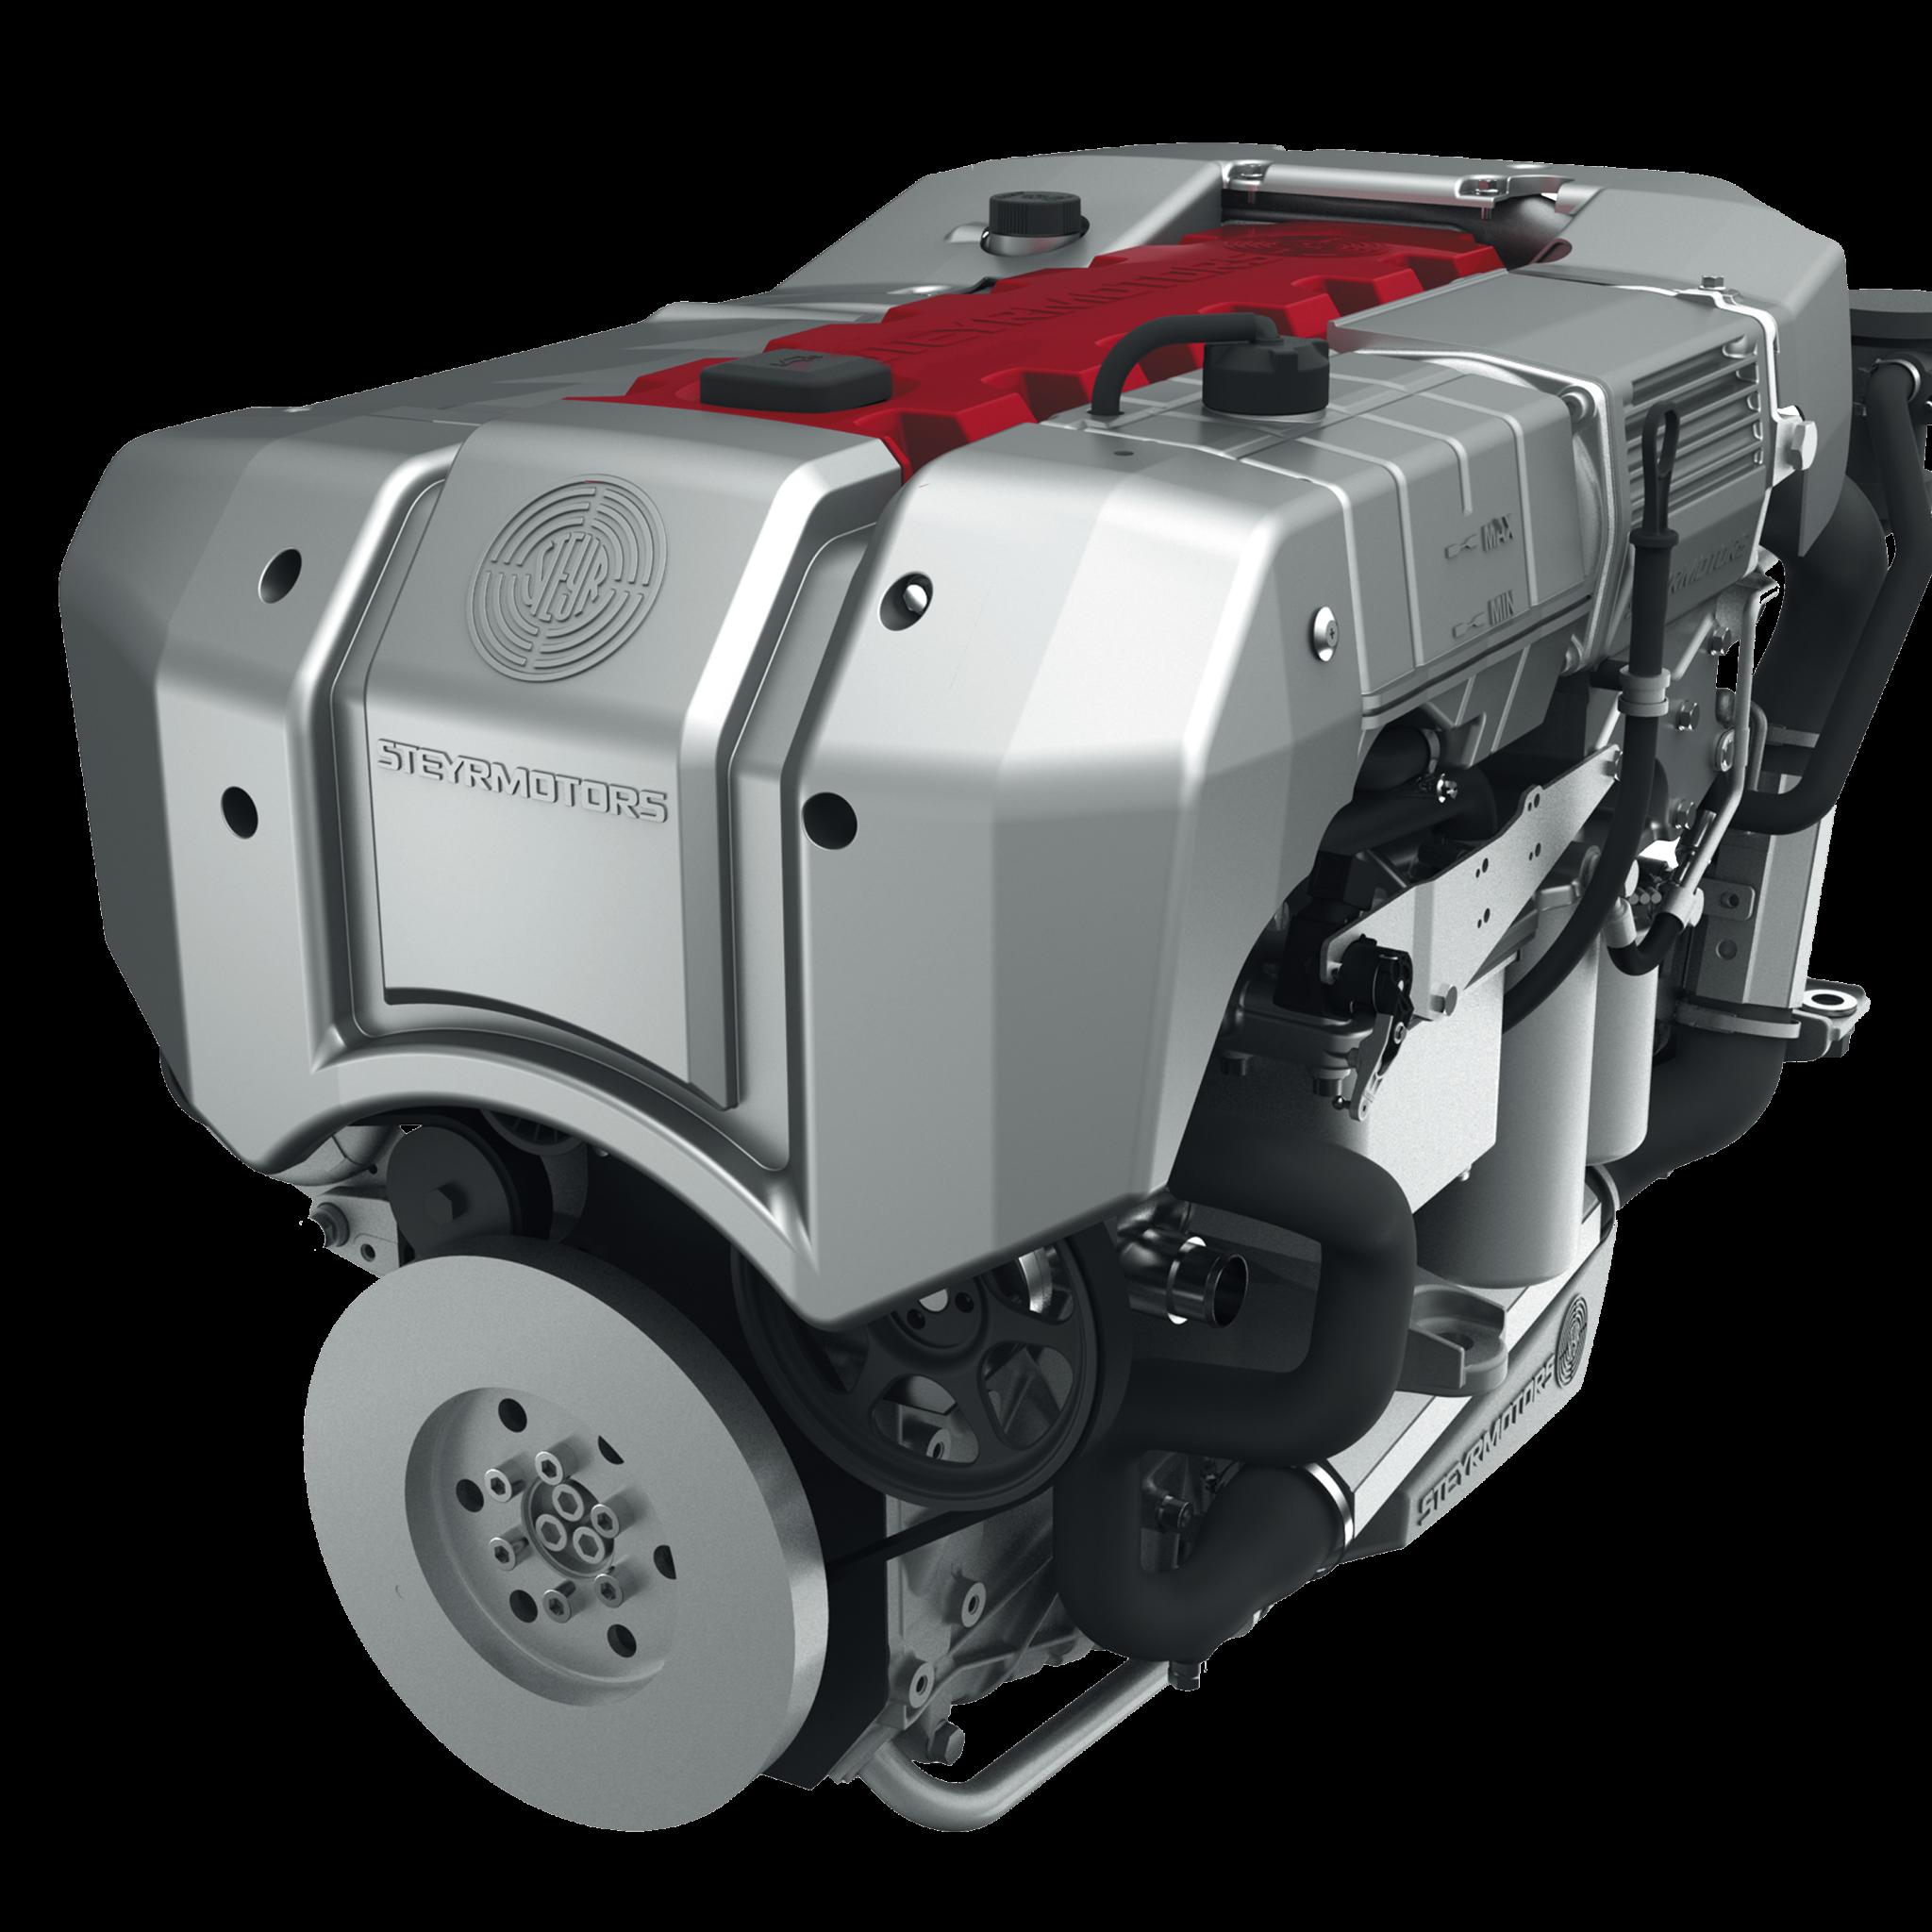 De Stage V gecertificeerde SE186E38 van Steyr Motors heeft een vermogen van 129 kW (175 pk) bij 3300 tot 3850 toeren. (Foto Padmos Industrial & Marine Motors)